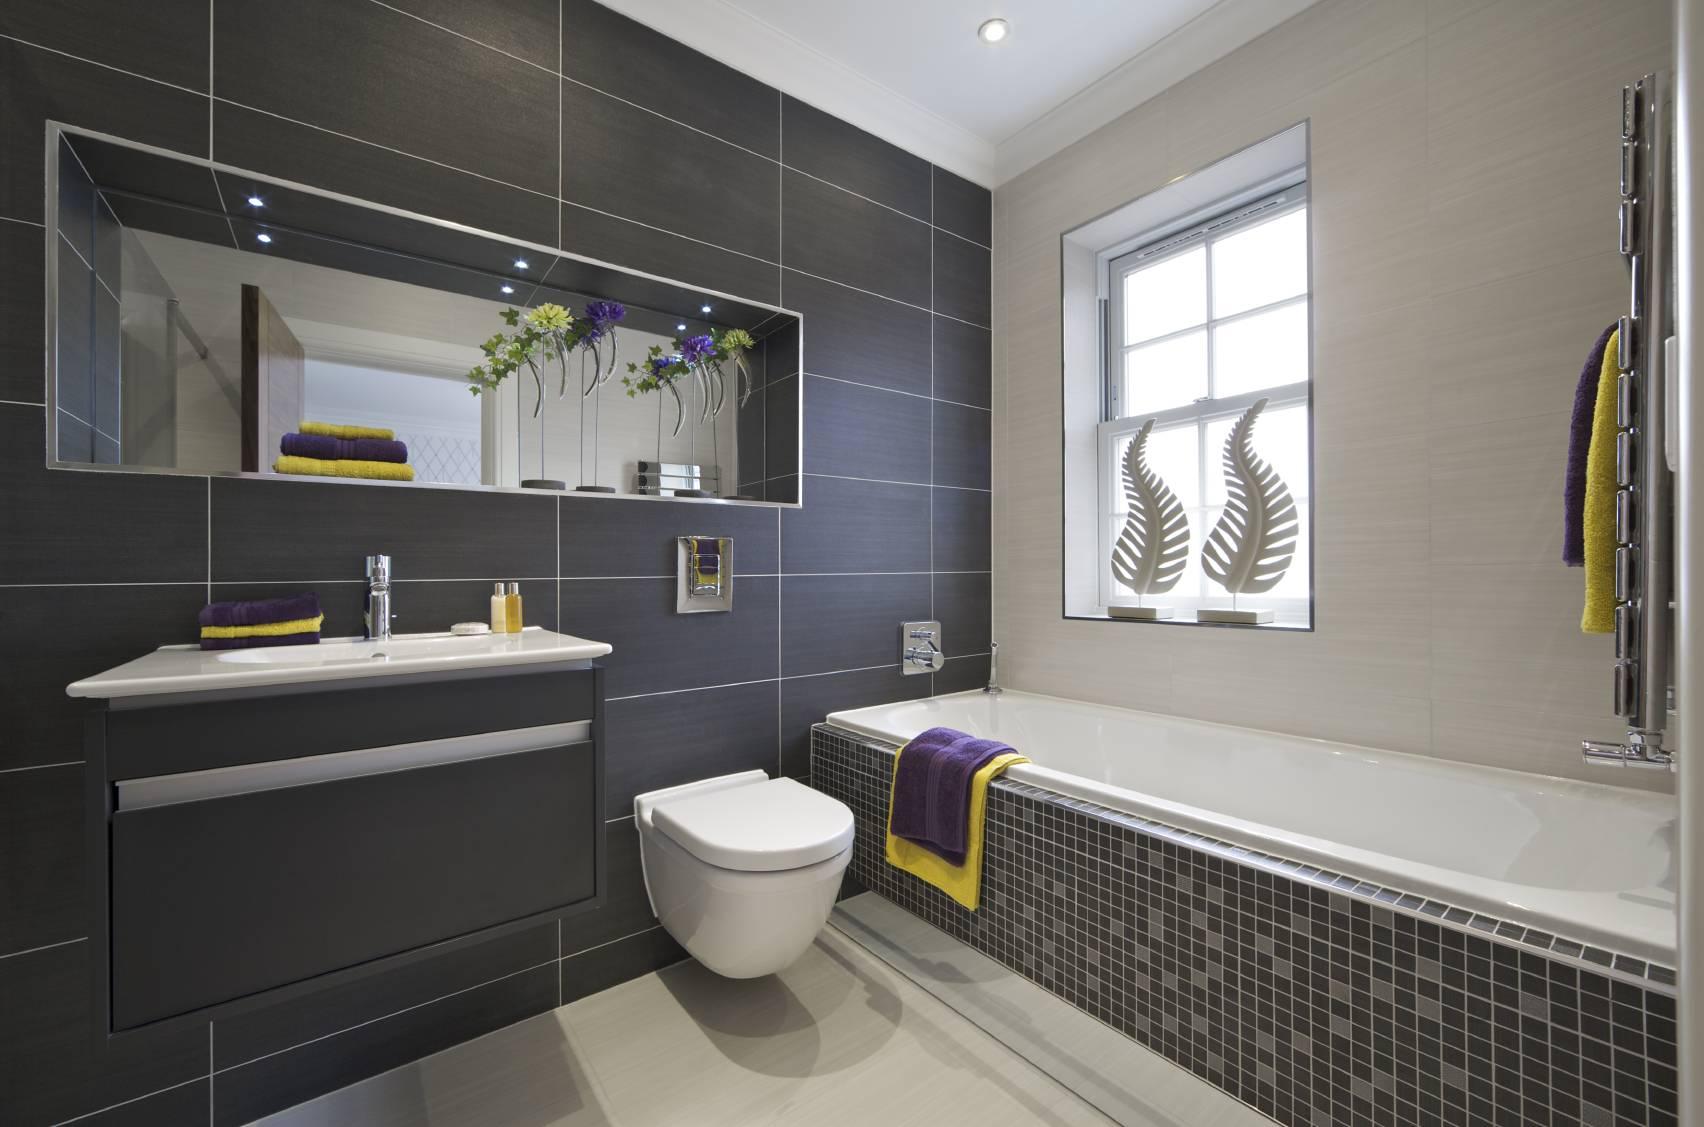 Comment choisir son miroir pour sa salle de bain for Choisir sa salle de bain